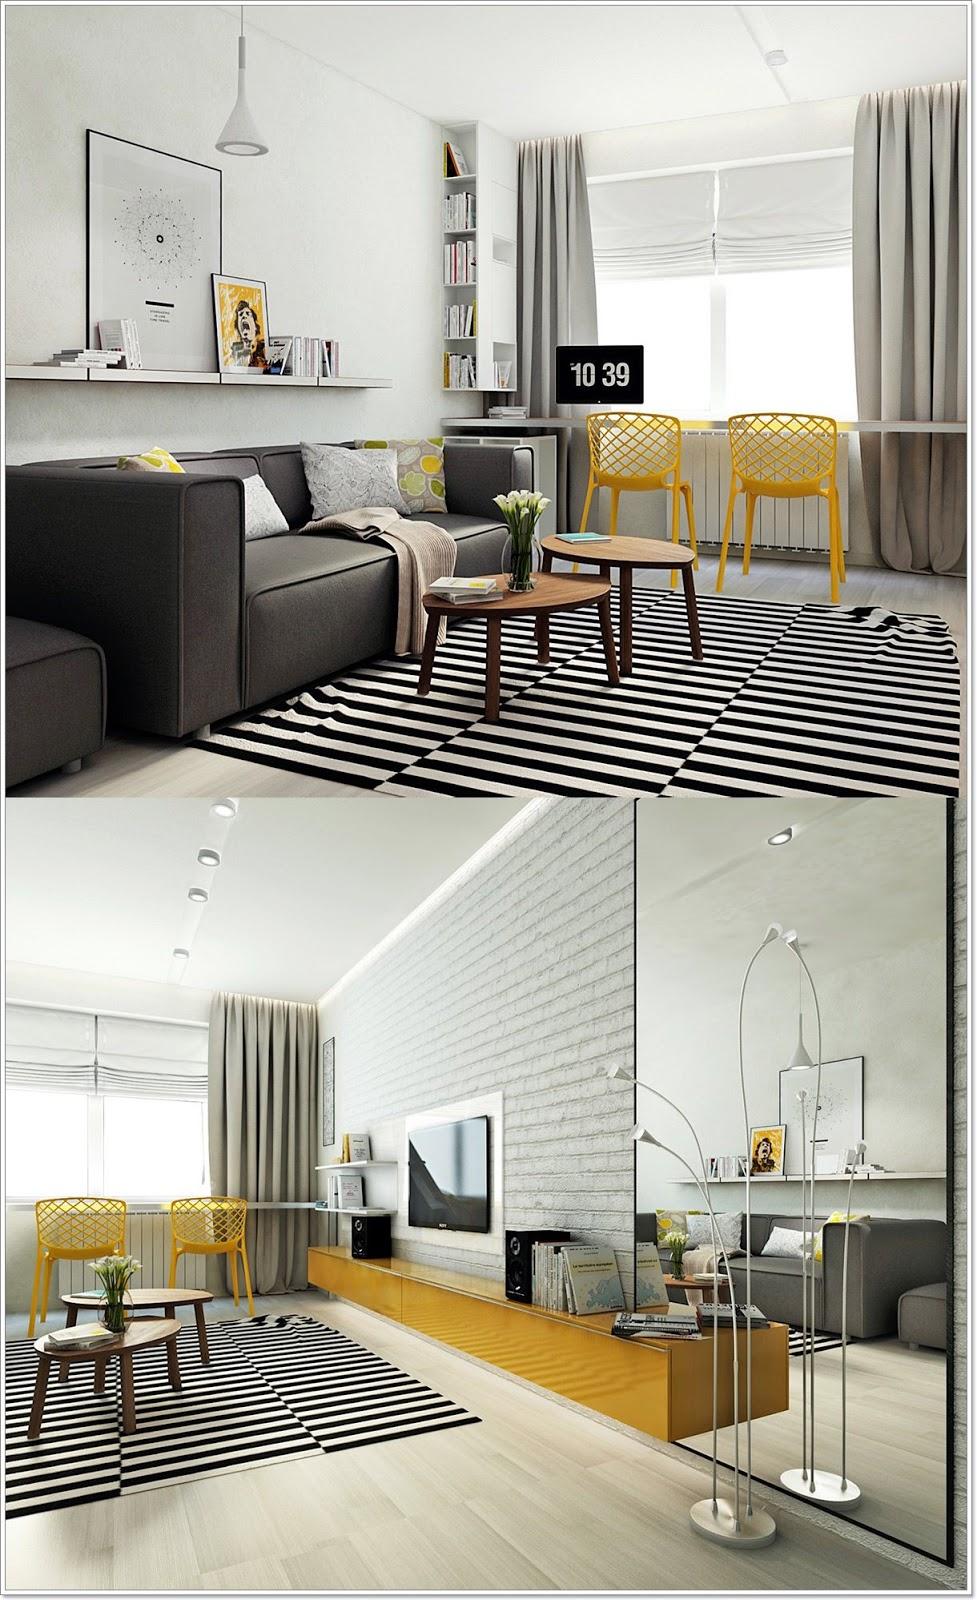 Skandinaviske stue Design: Ideer & Inspirasjon - interiør inspirasjon